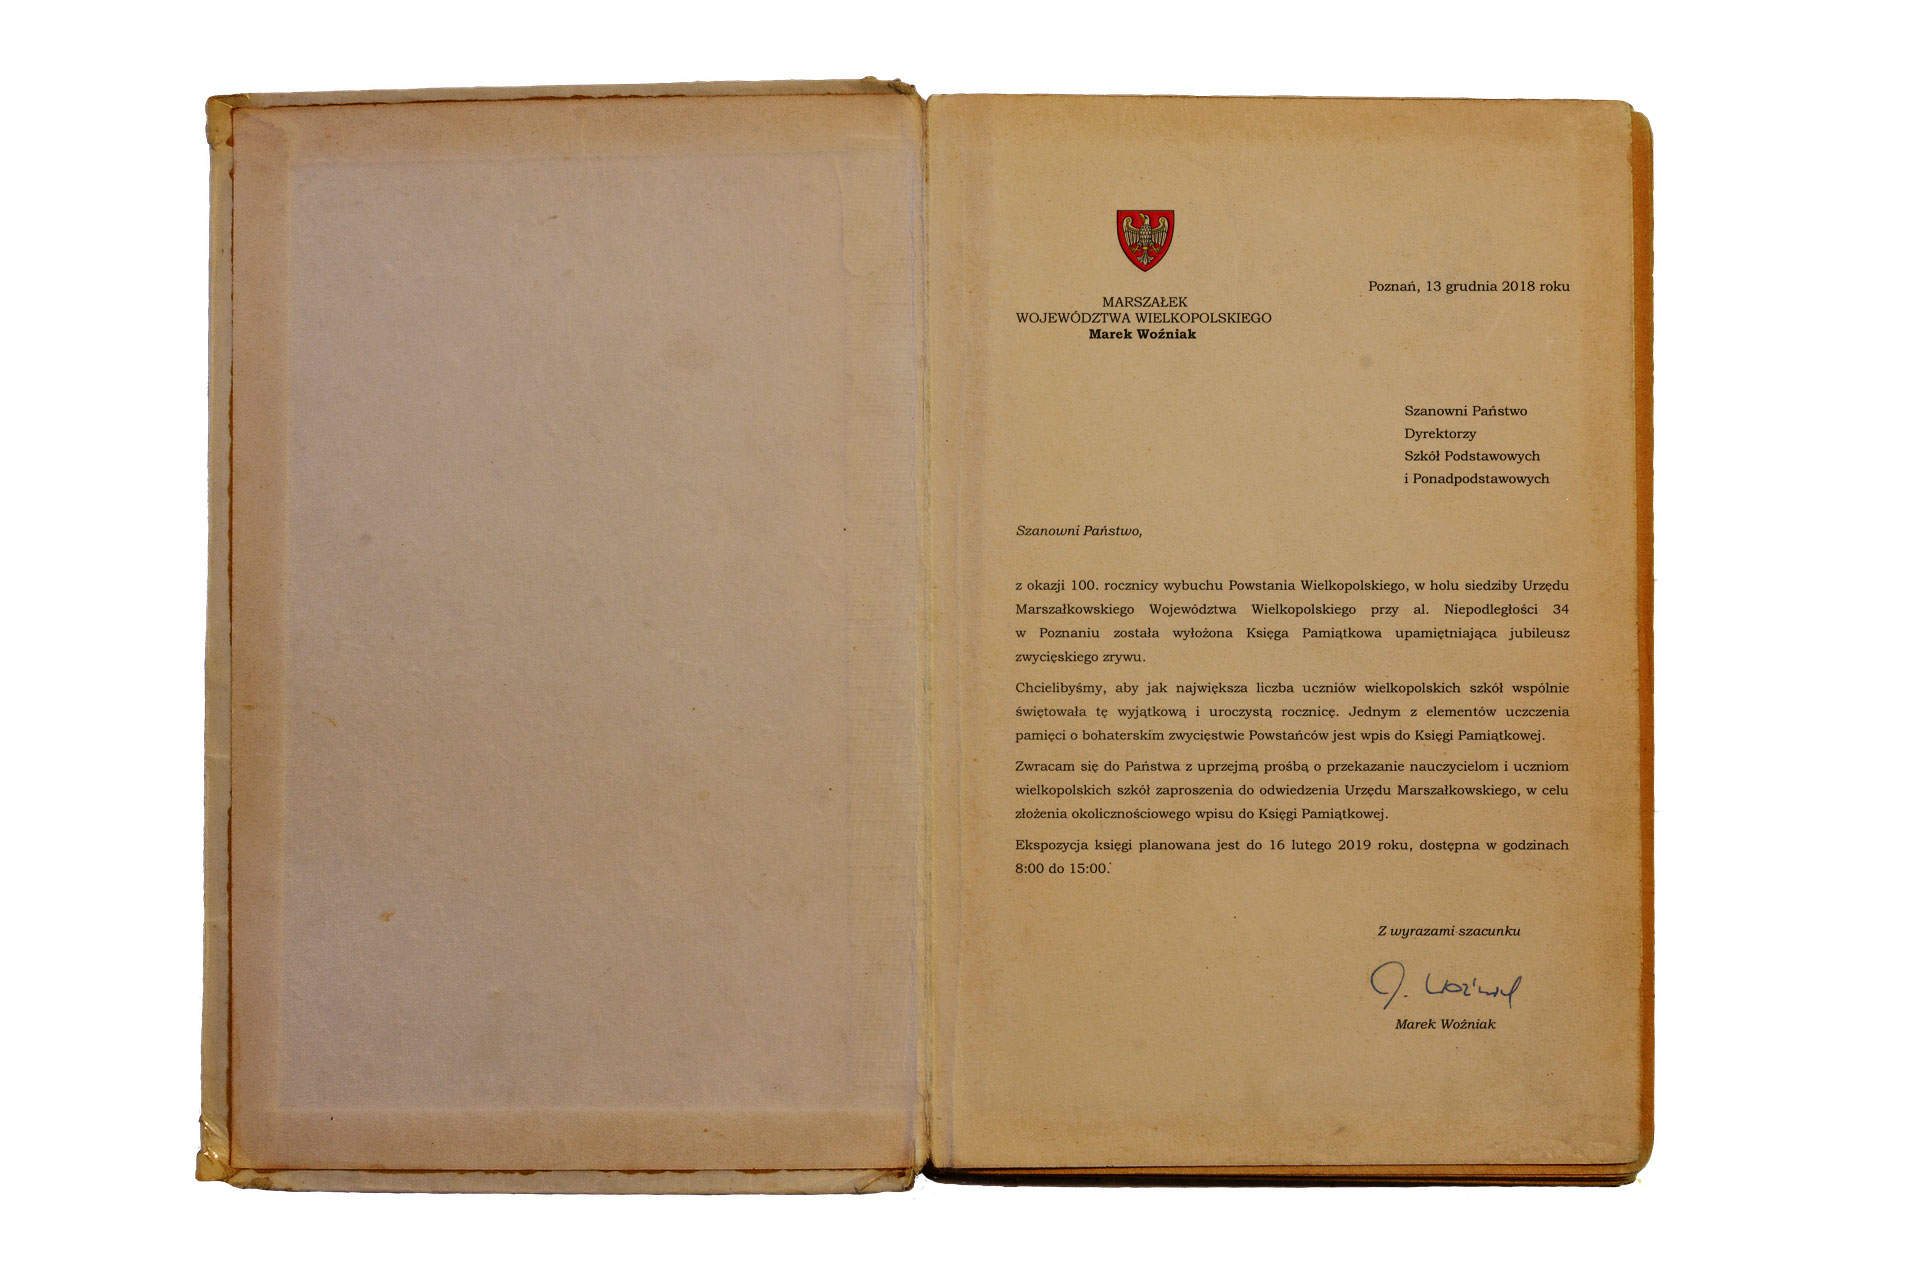 Księga Pamiątkowa z okazji 100. rocznicy wybuchu Powstania Wielkopolskiego